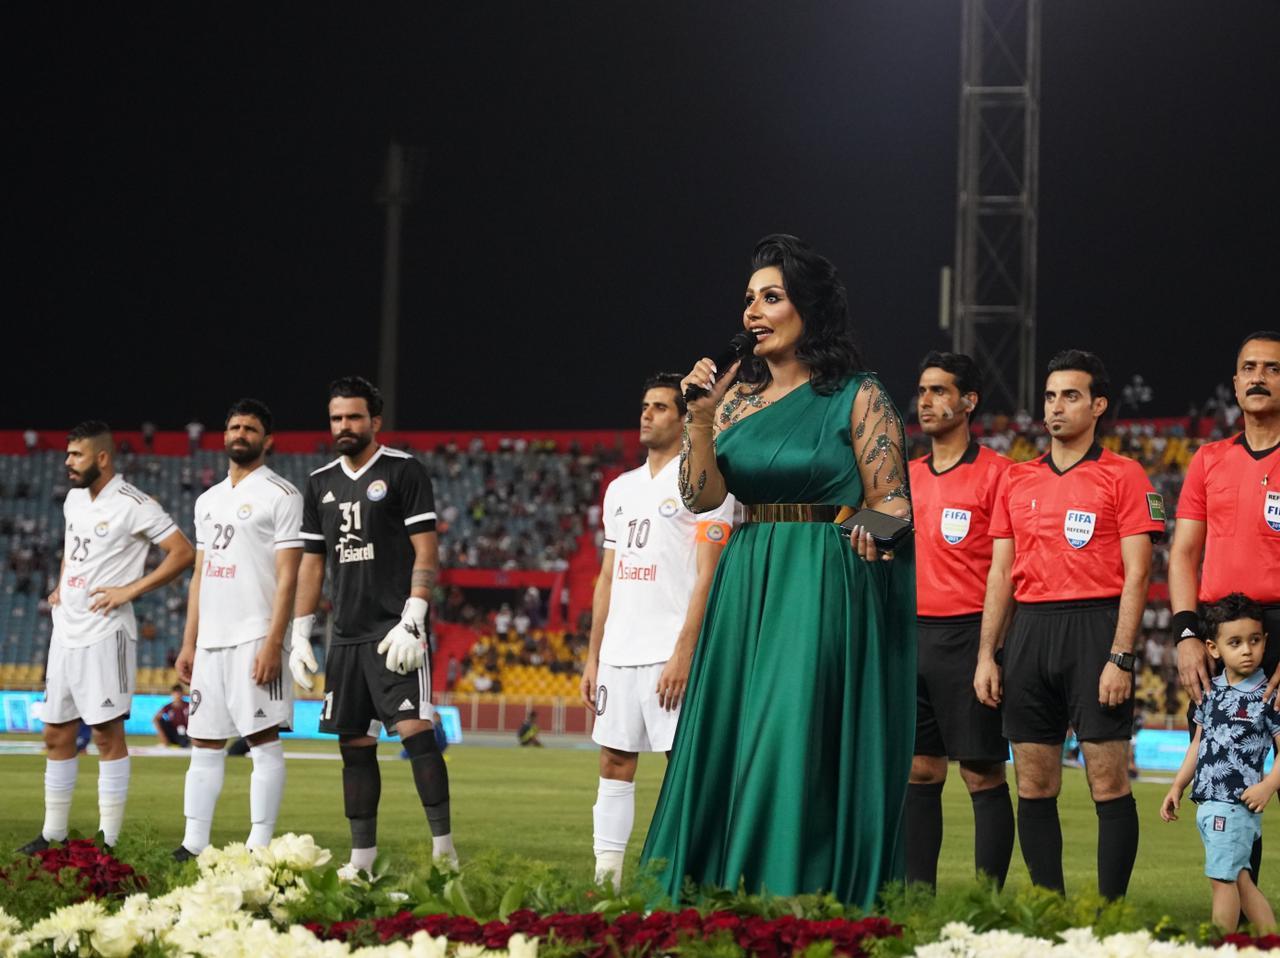 نور الماجد تشعل مدرجات ملعب الشعب في مباراة نهائي كأس العراق